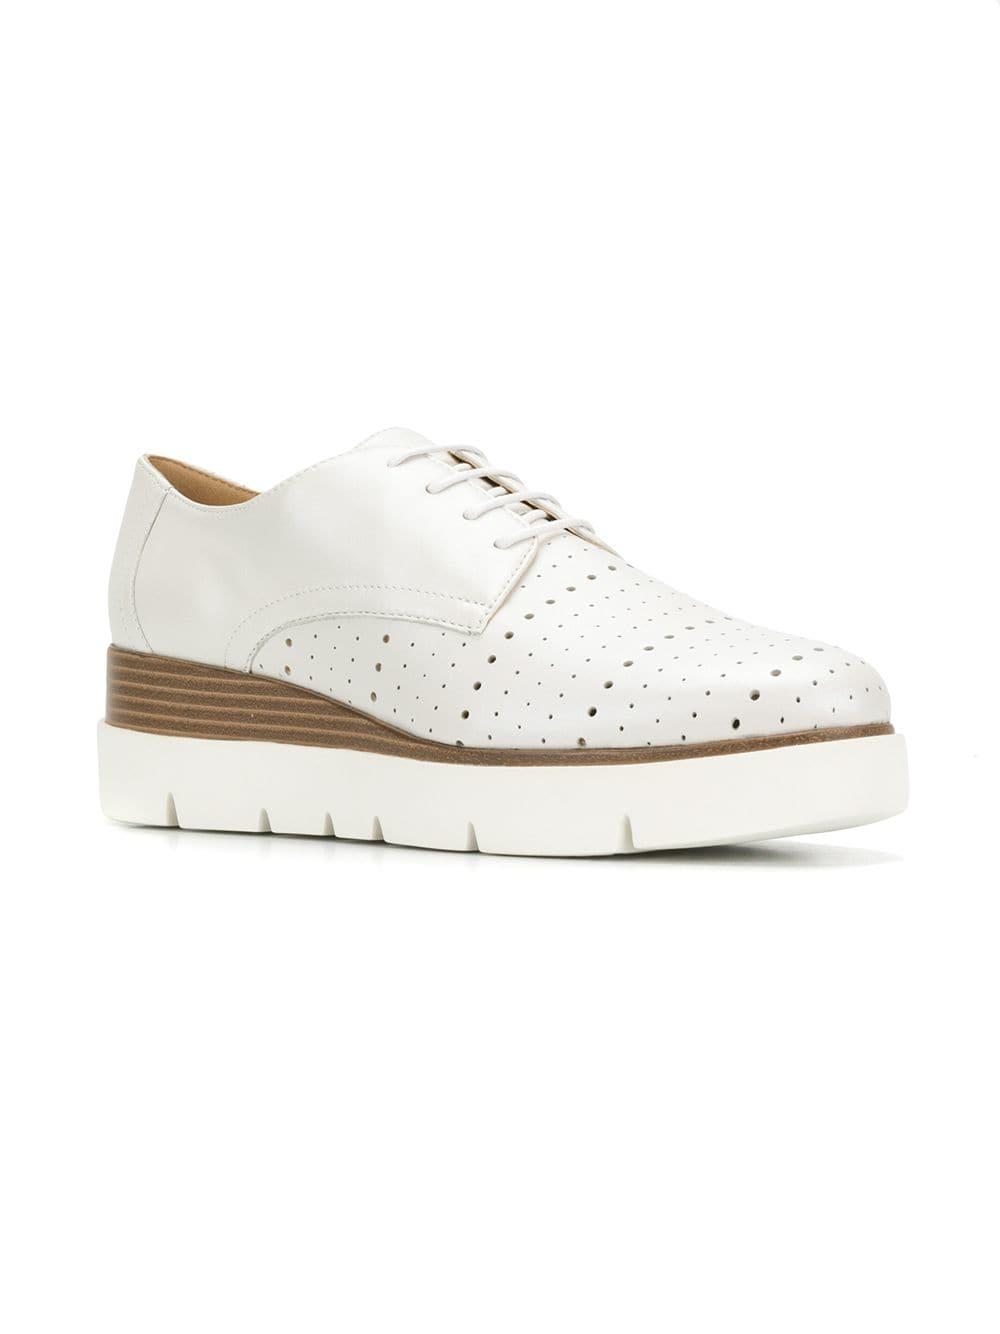 c58f27de277e5 Geox Kattilou Lace-up Shoes in White - Lyst